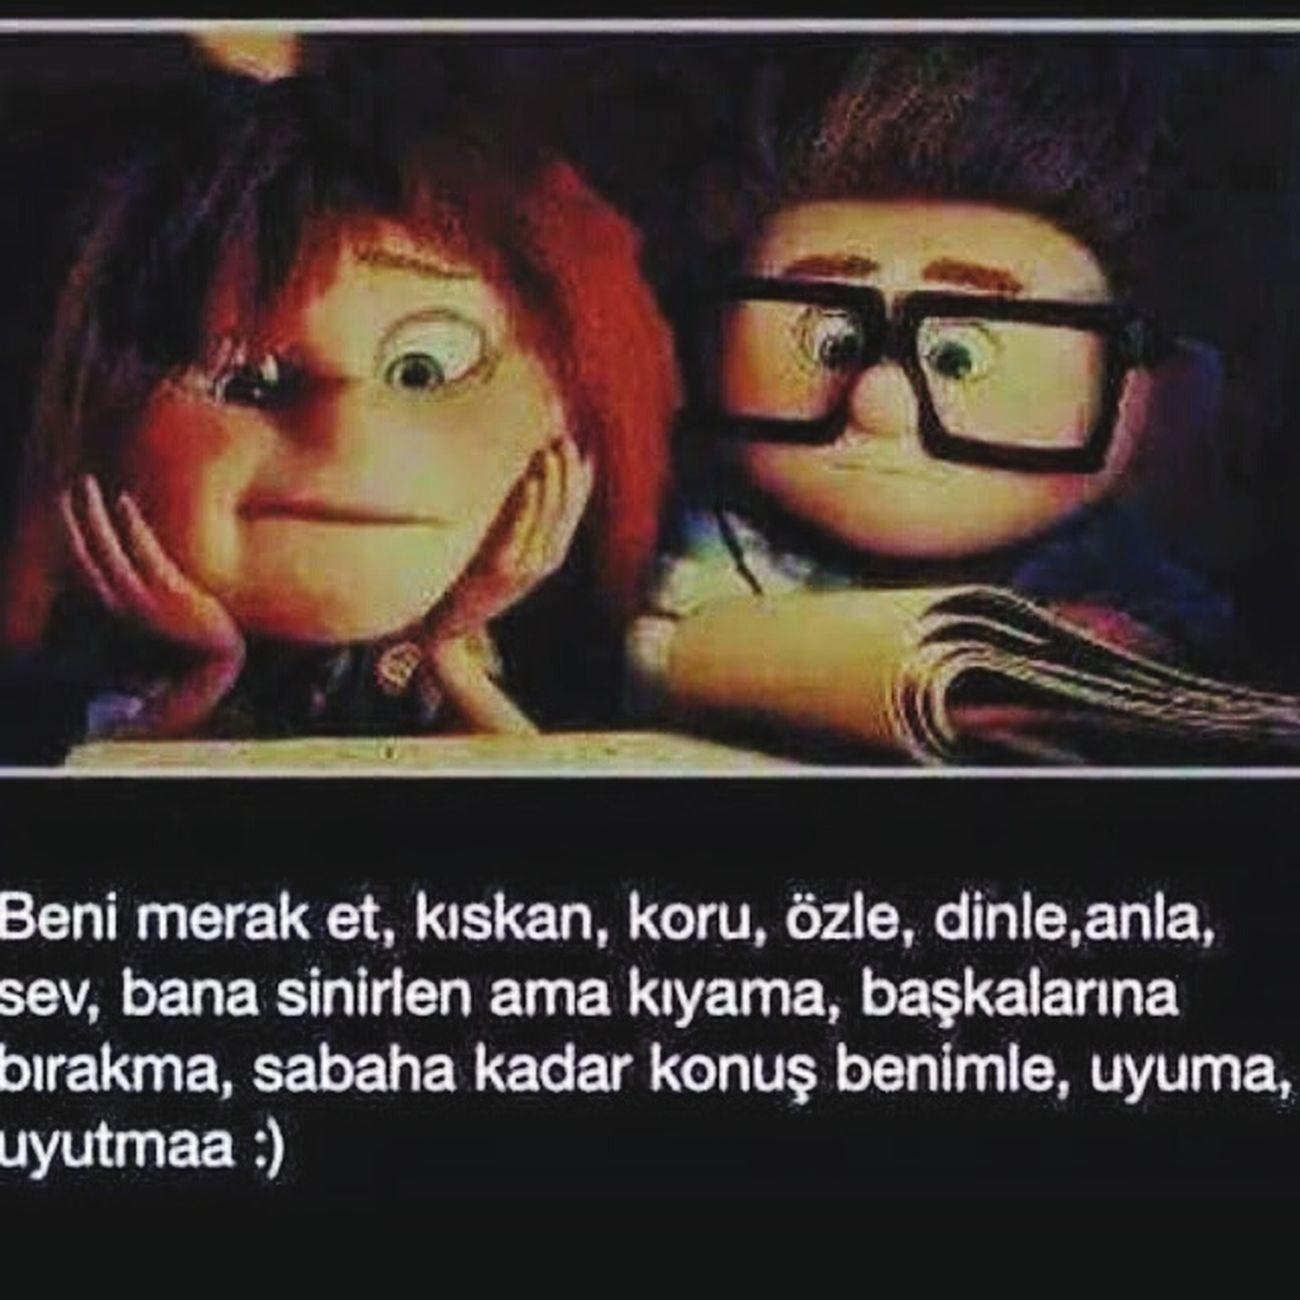 Aşk Kiskanclik Sevgi ;)